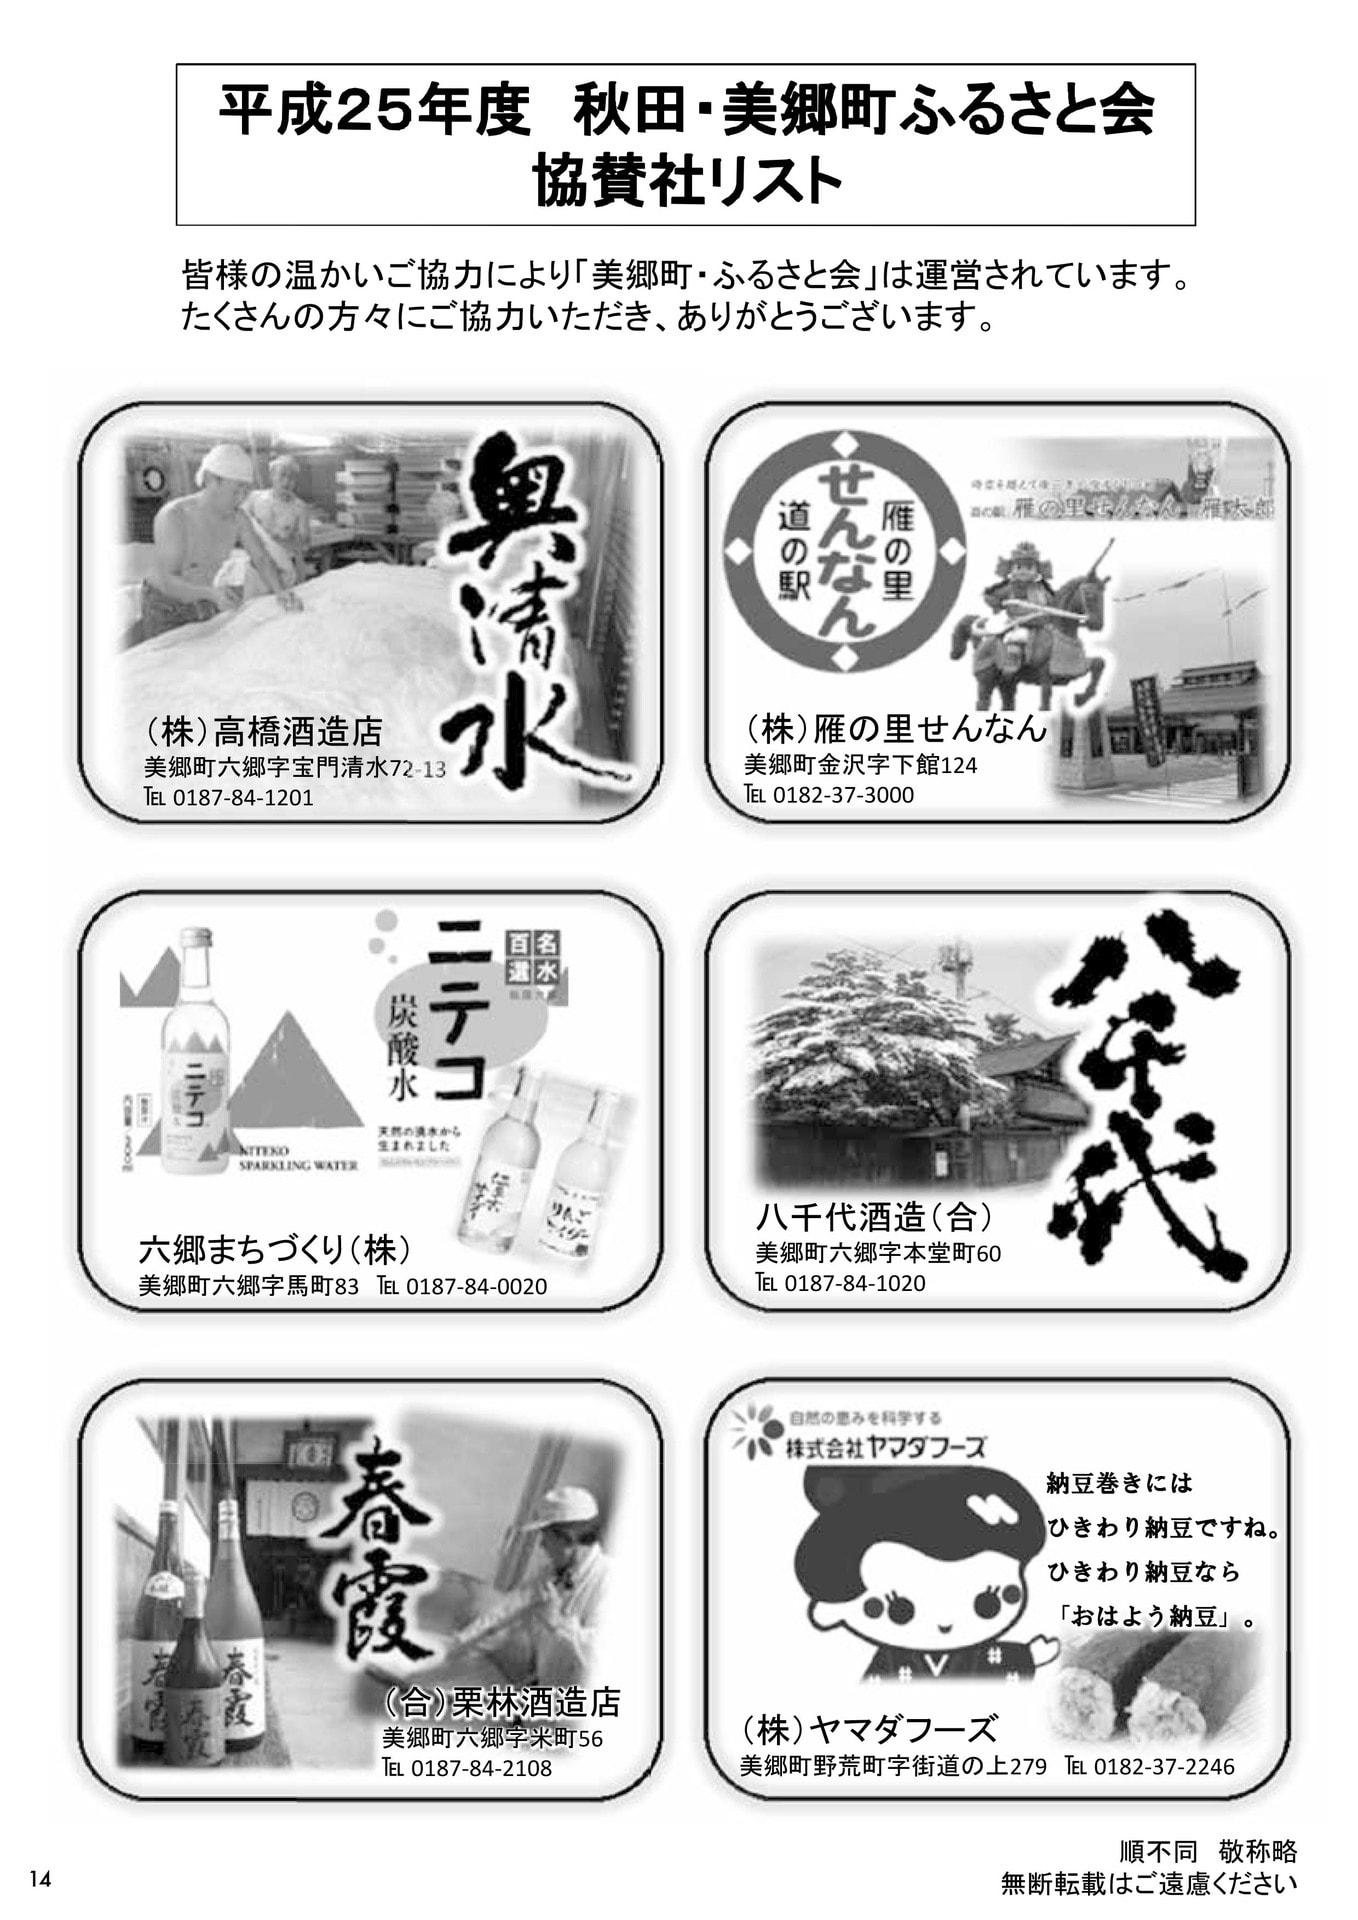 第1回秋田・美郷町ふるさと会パンフレット(協賛社リスト)